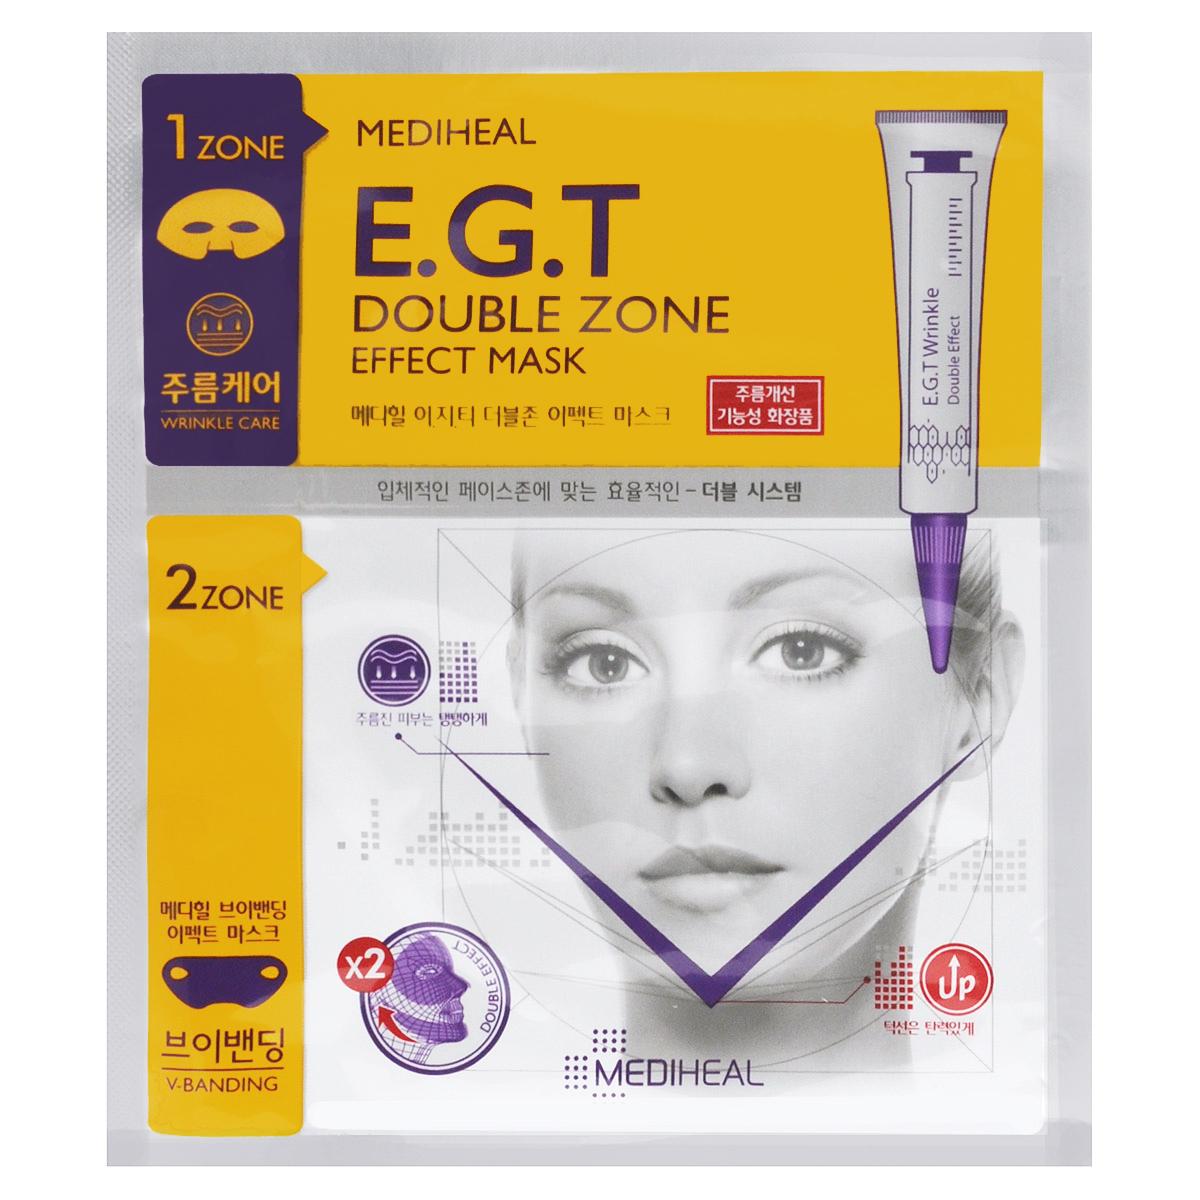 Beauty Clinic Маска для лица EGF, с лифтинг-эффектом, двухзональнаяSL-276Маска ухаживает сразу за двумя зонами кожи лица: разглаживает морщины в верхней части лица, замедляет процесс старения и подтягивает V-зону, делая ее более упругой и эластичной. Маска решает 2 задачи: 1. Лифтинг верхней части лица, в том числе зоны вокруг глаз. Маска разглаживает морщины, возвращает упругость и эластичность коже, увлажняет. Верхняя часть маски на основе целлюлозы плотно прилегает к коже, обеспечивая глубокое проникновение питательных веществ. Кожа выглядит подтянутой, молодой и здоровой.Эссенция, которой пропитана маска, содержит такие эффективные компоненты как EGF, гидролизованный коллаген, астаксантин, аскорбилфосфат натрия (витамин С).EGF (Epidermis Growth Faсtor) - фактор роста эпидермиса, регенерации клеток. EGF замедляет процесс старения кожи; способствует обновлению клеток эпидермиса, сохраняя молодость кожи; защищает кожу от повреждений и раздражений; улучшает цвет лица. Астаксантин – мощный антиоксидант.Экстракт центеллы азиатской стимулирует синтез коллагена, заживляет мелкие ранки и трещины, улучшает состояние и цвет кожи.2. Восстановление V-зоны, лифтинг–эффект. Нижняя часть маски (гелевая) предназначена для повышения упругости кожи в области подбородка. Содержит гидролизованный коллаген, аденозин и другие компоненты, которые придают коже упругость и эластичность. Специальная запатентованная форма маски, которая крепится за уши, подтягивает кожу и корректирует линию подбородка.Продукт прошел дерматологическое тестирование. Товар сертифицирован.